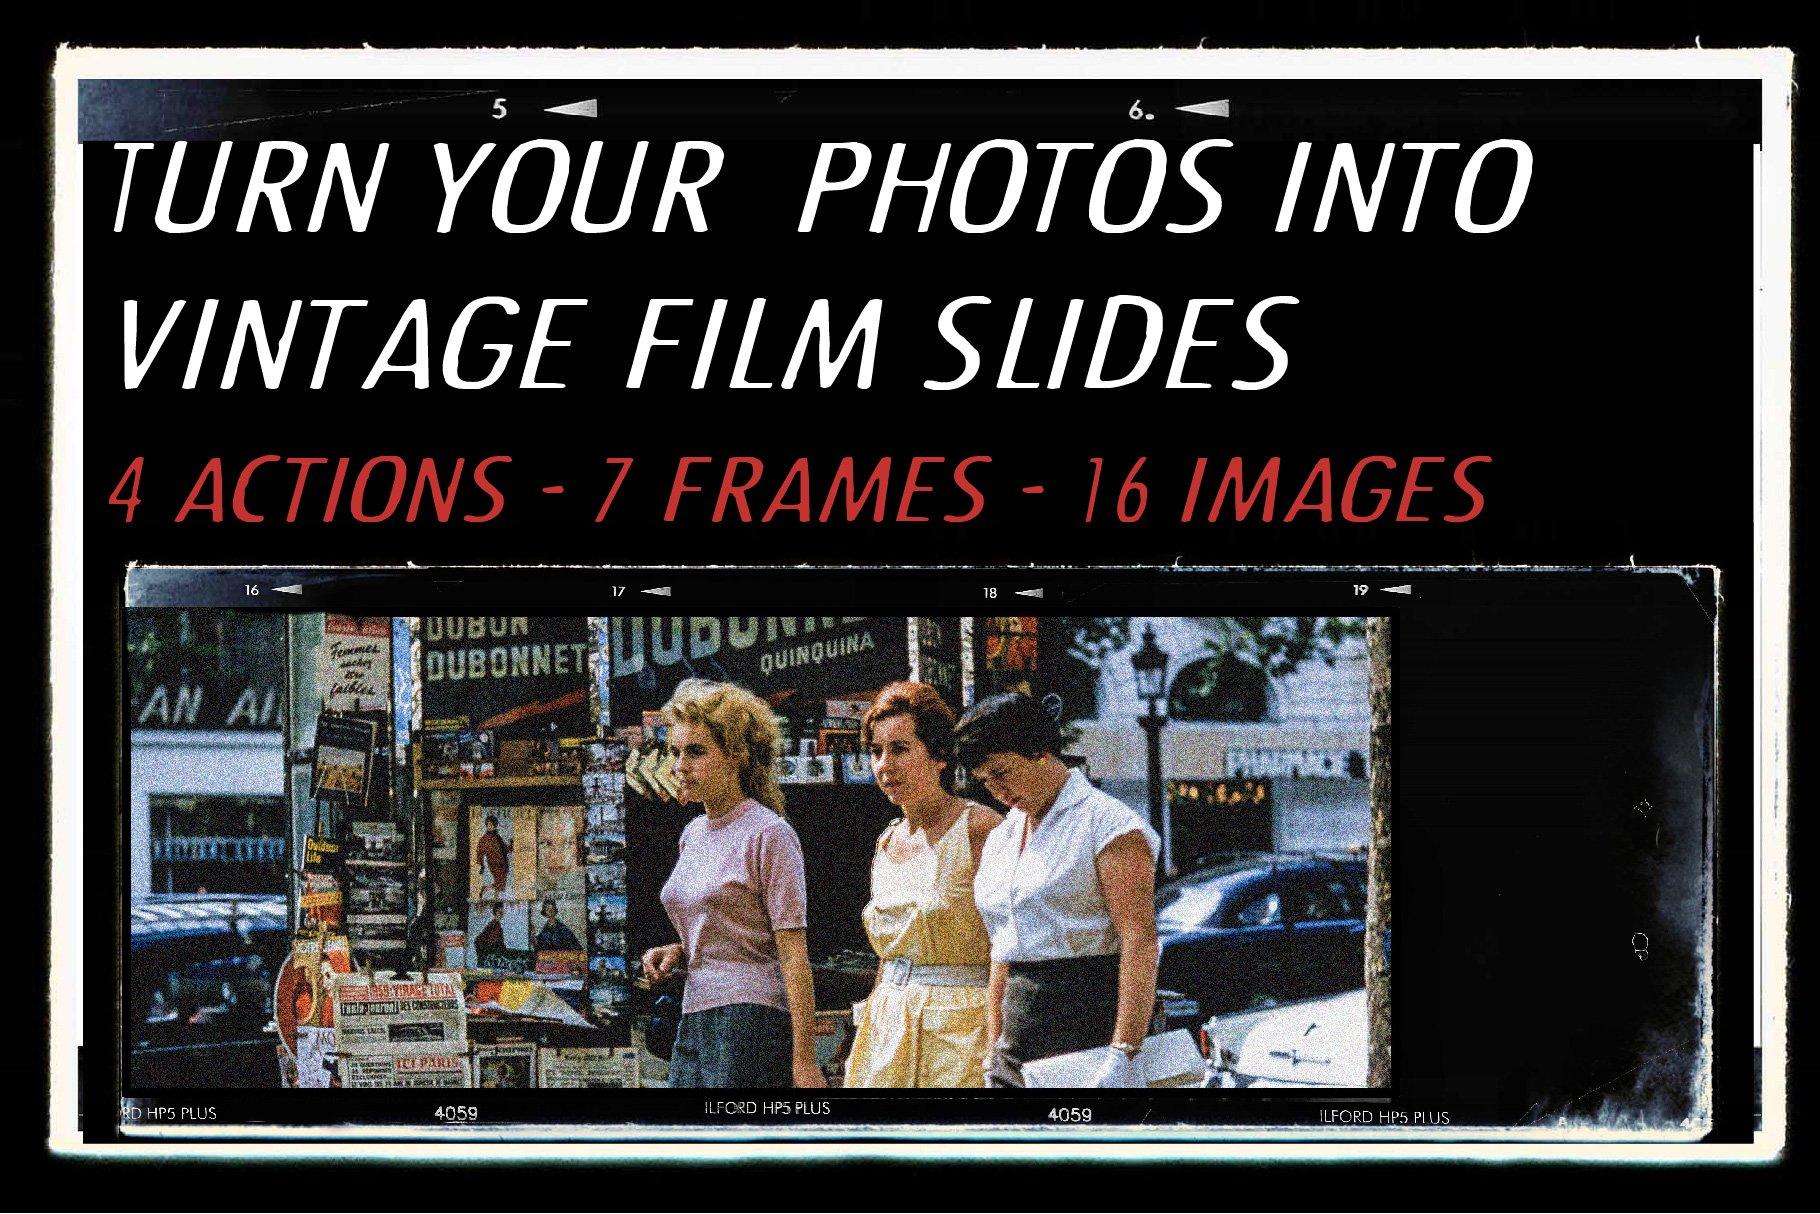 复古老式胶片胶卷边框图层叠加样机照片处理动作模板 Vintage Film Photo Mockup Bundle插图